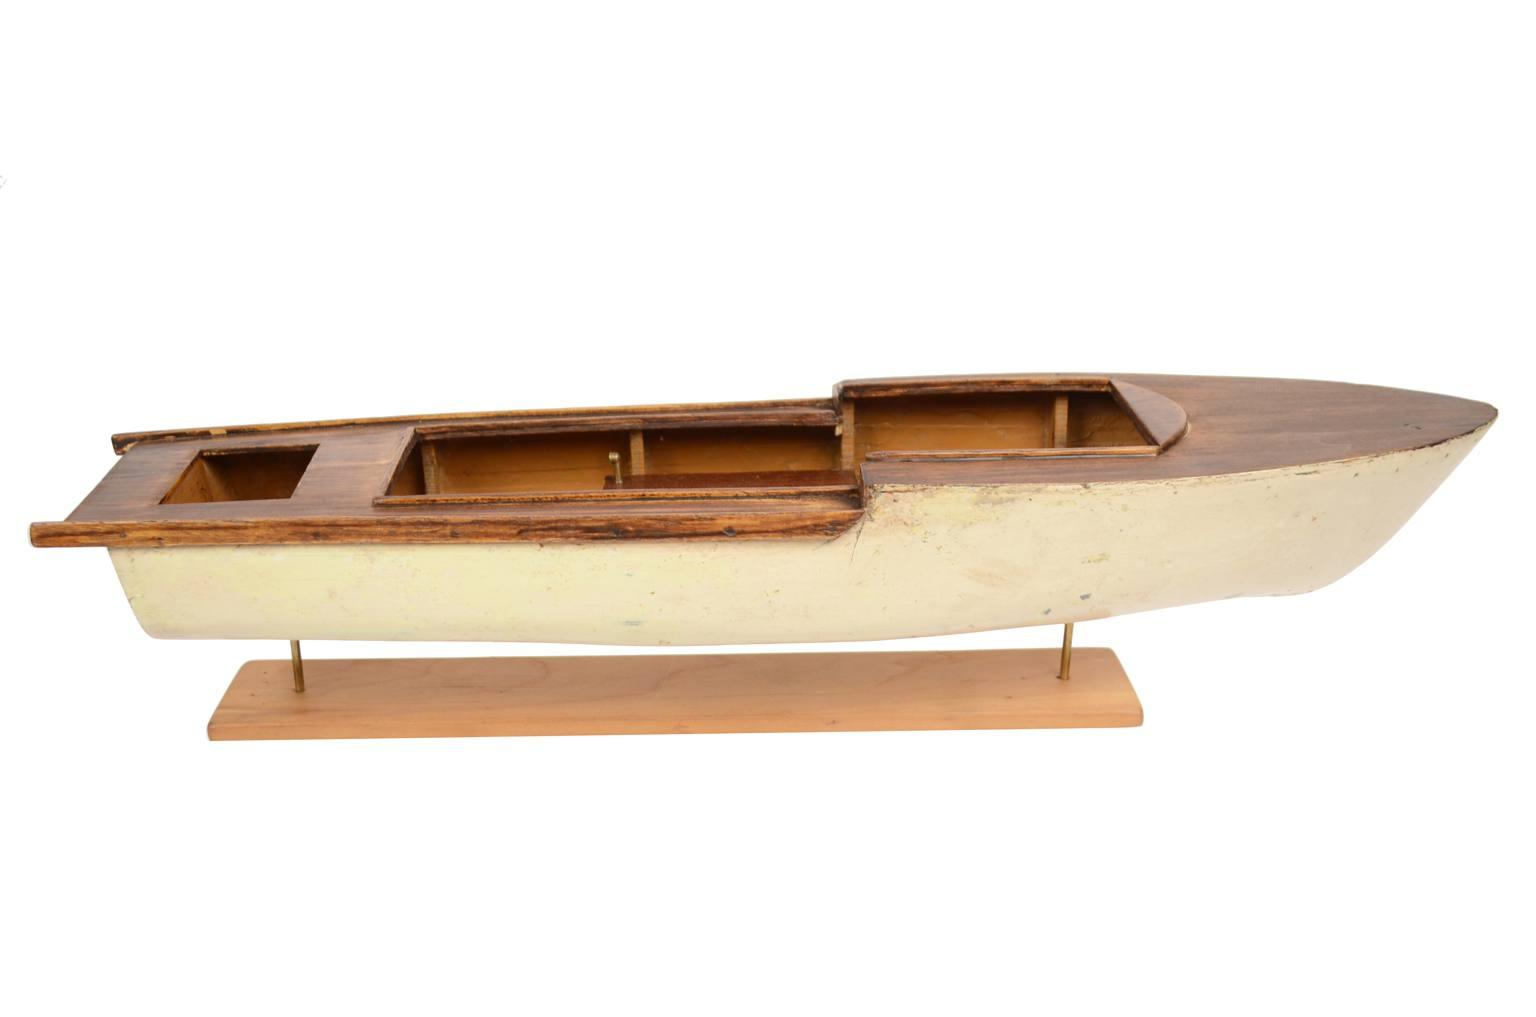 Modelli di navi d'epoca/4635A-Modellino motoscafo